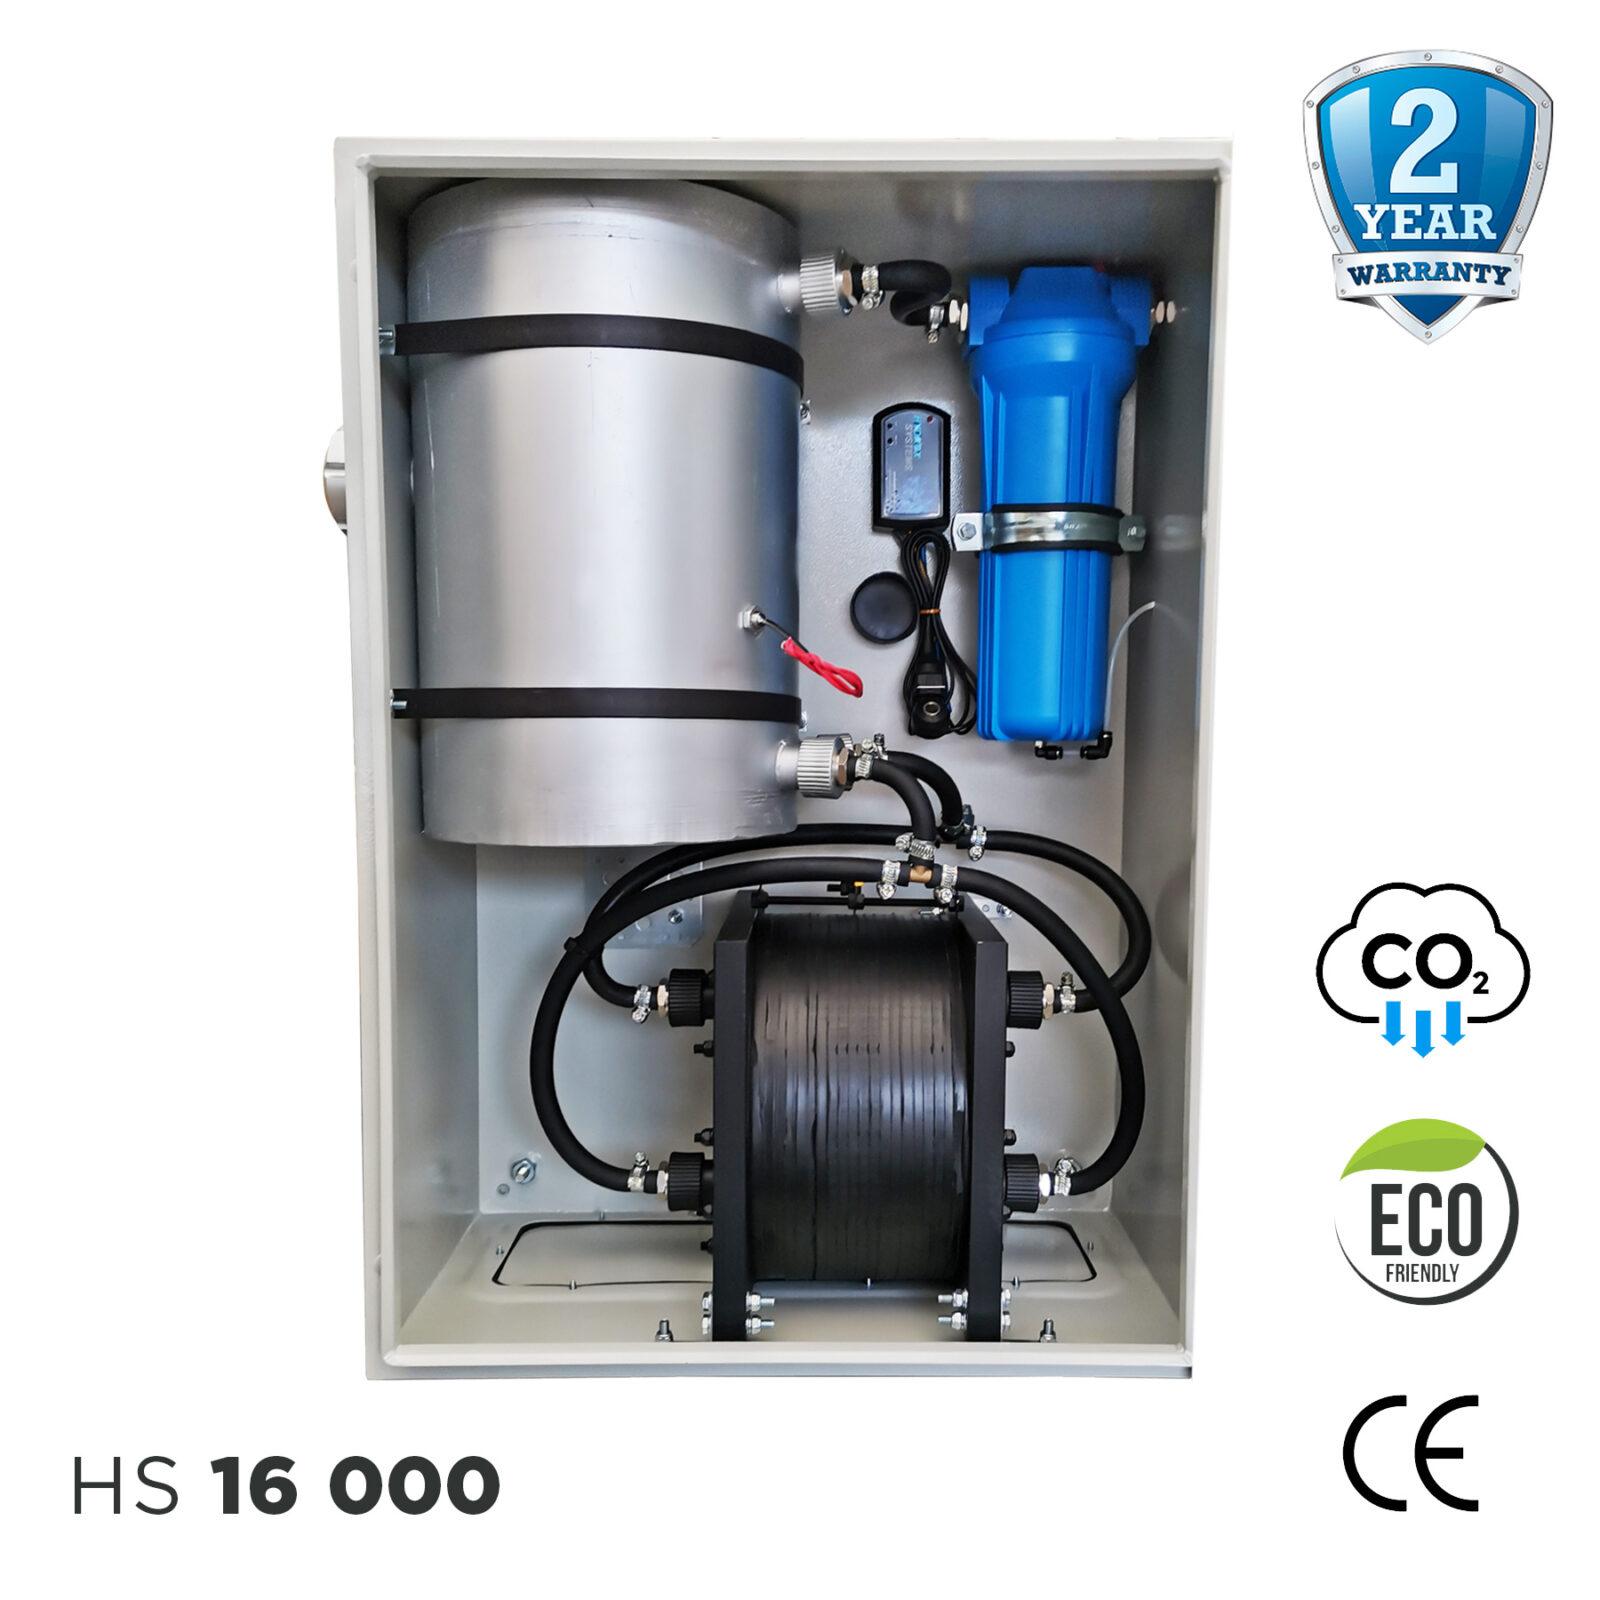 hho-bus-kit-fuel-saver